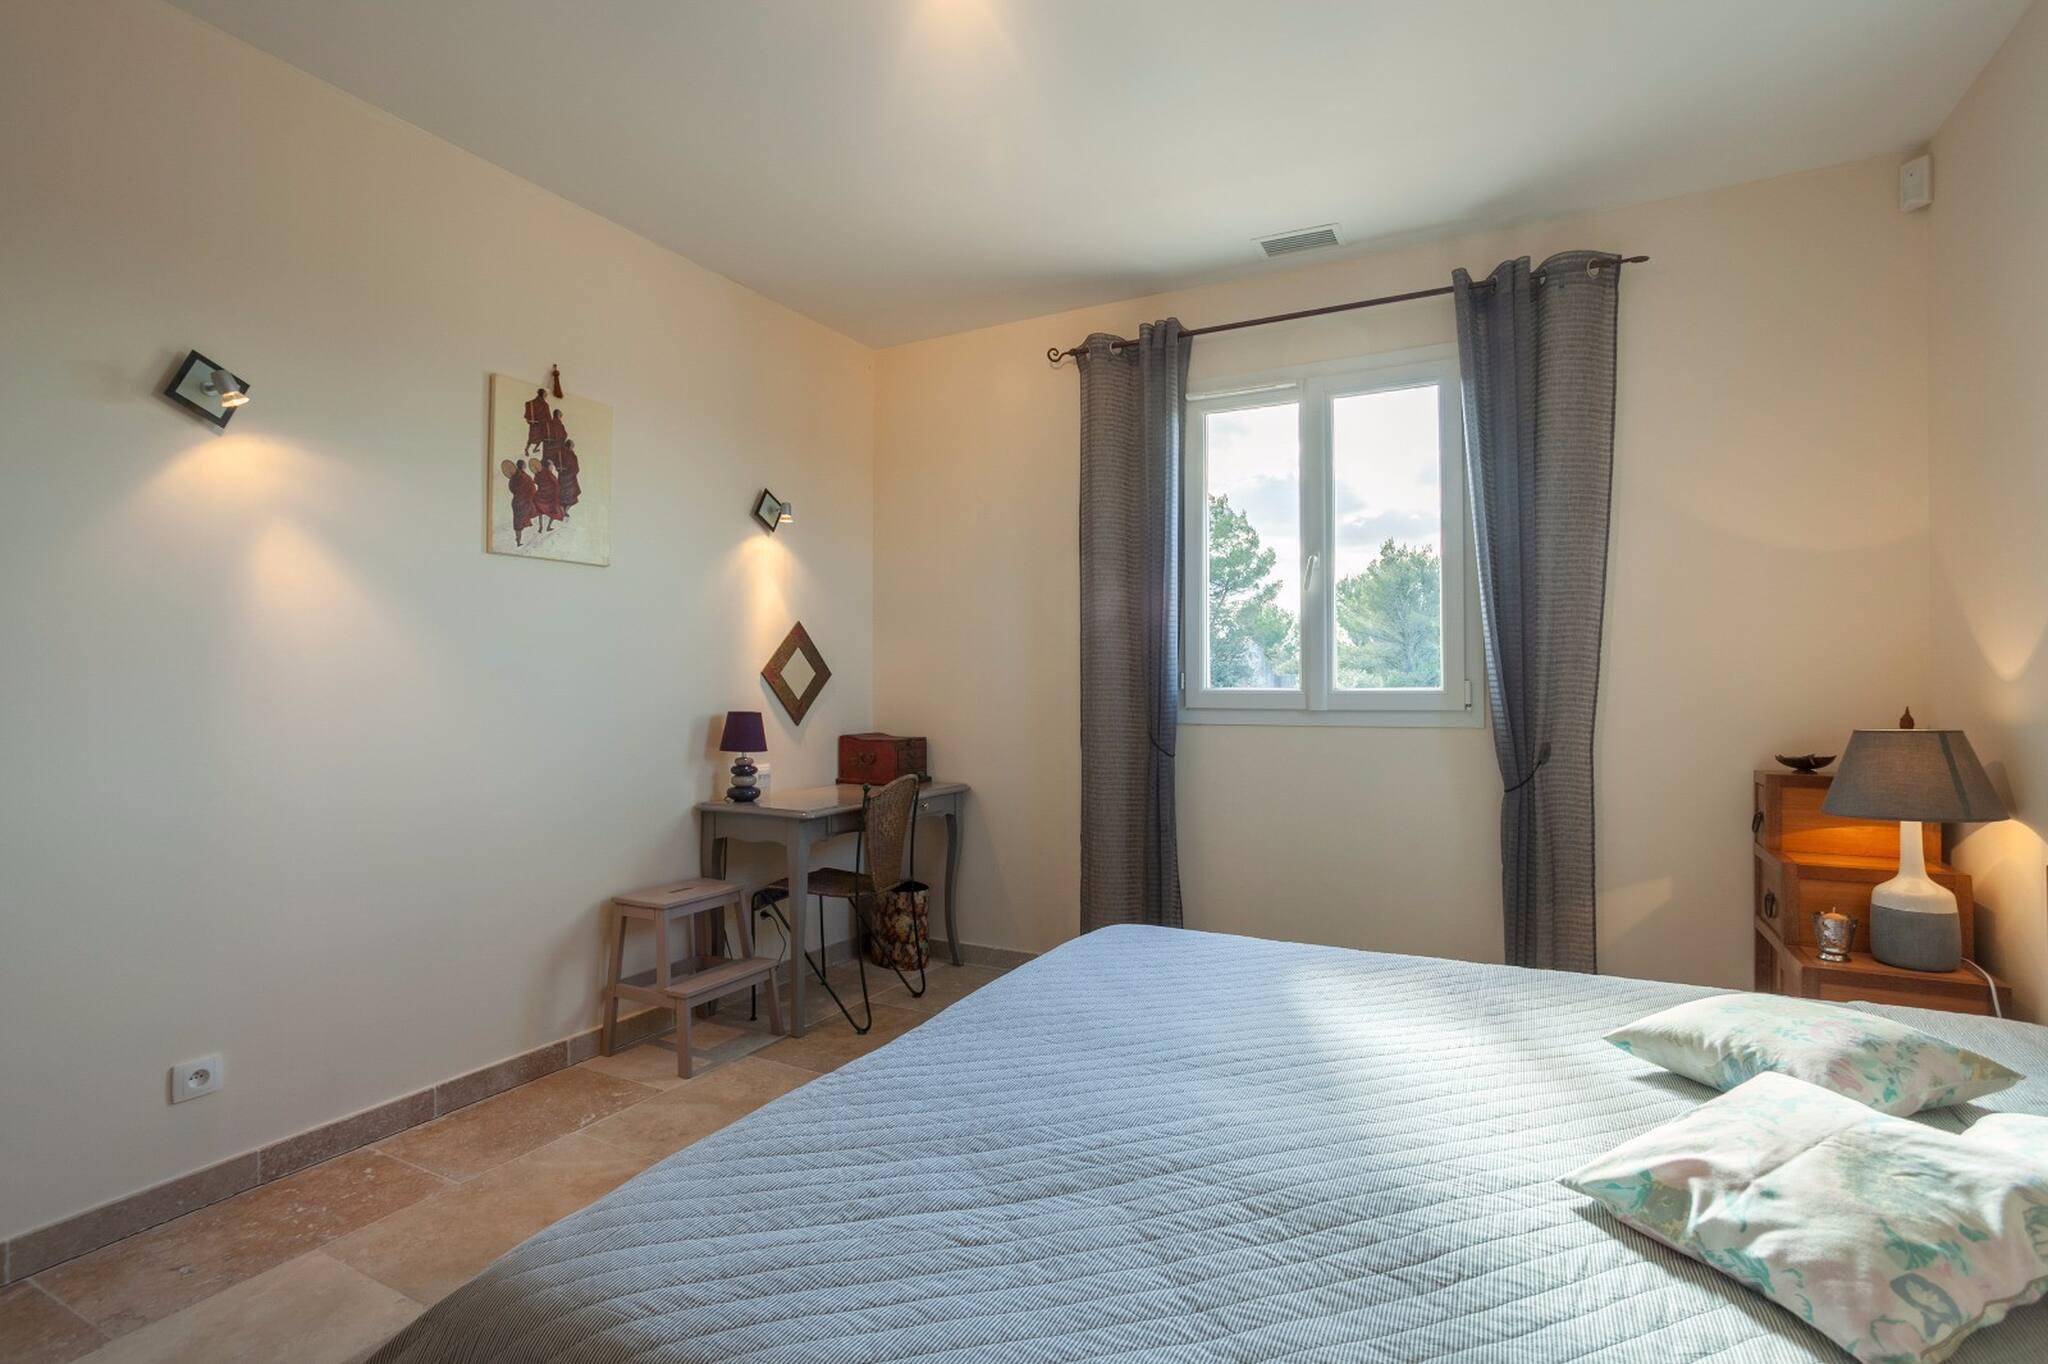 Maison de vacances La Bien Méritée - Für einen unvergesslichen Urlaub (2647544), L'Isle sur la Sorgue, Vaucluse, Provence - Alpes - Côte d'Azur, France, image 19